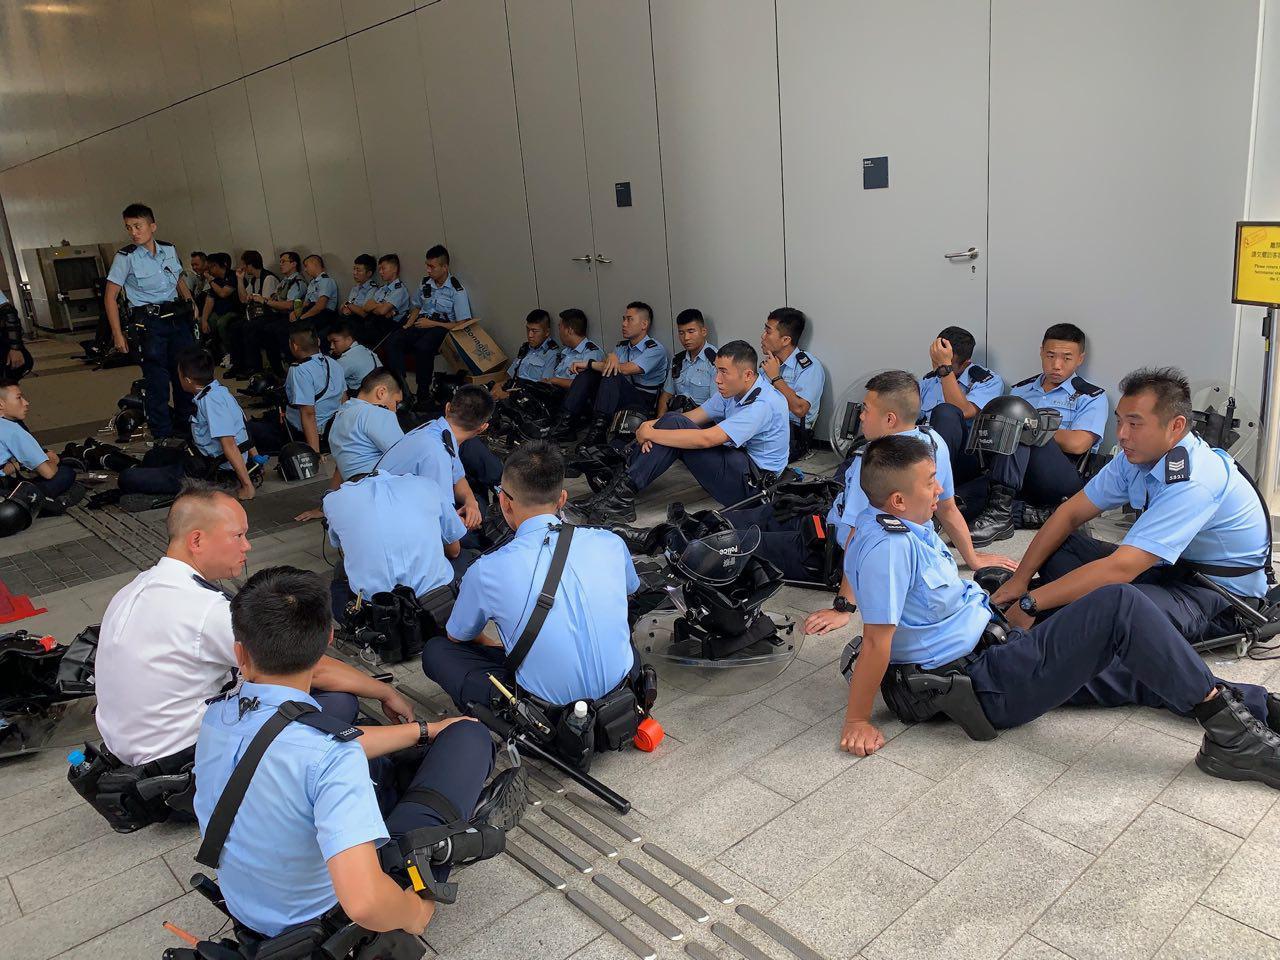 大批警員現場候備。(李逸/大紀元)